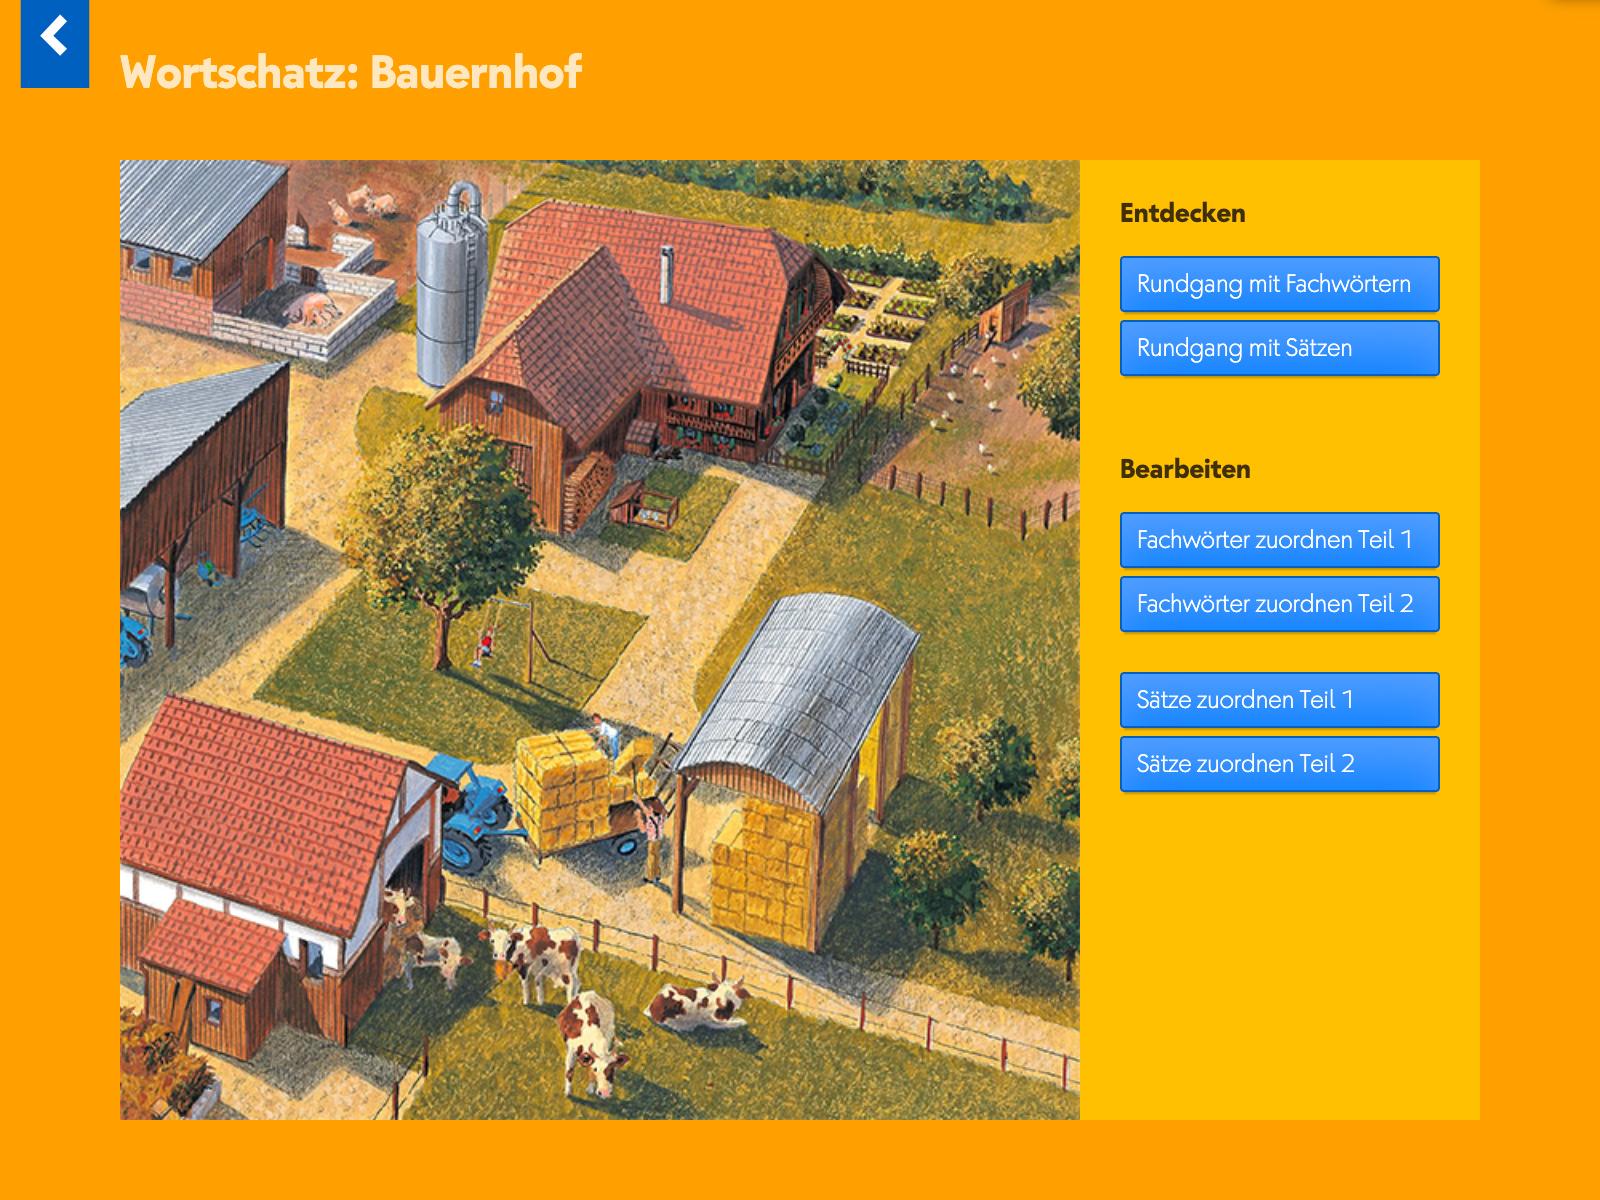 Wortschatztraining Bauernhof: Höre Fachwörter und Erklärungen und ordne sie zu.